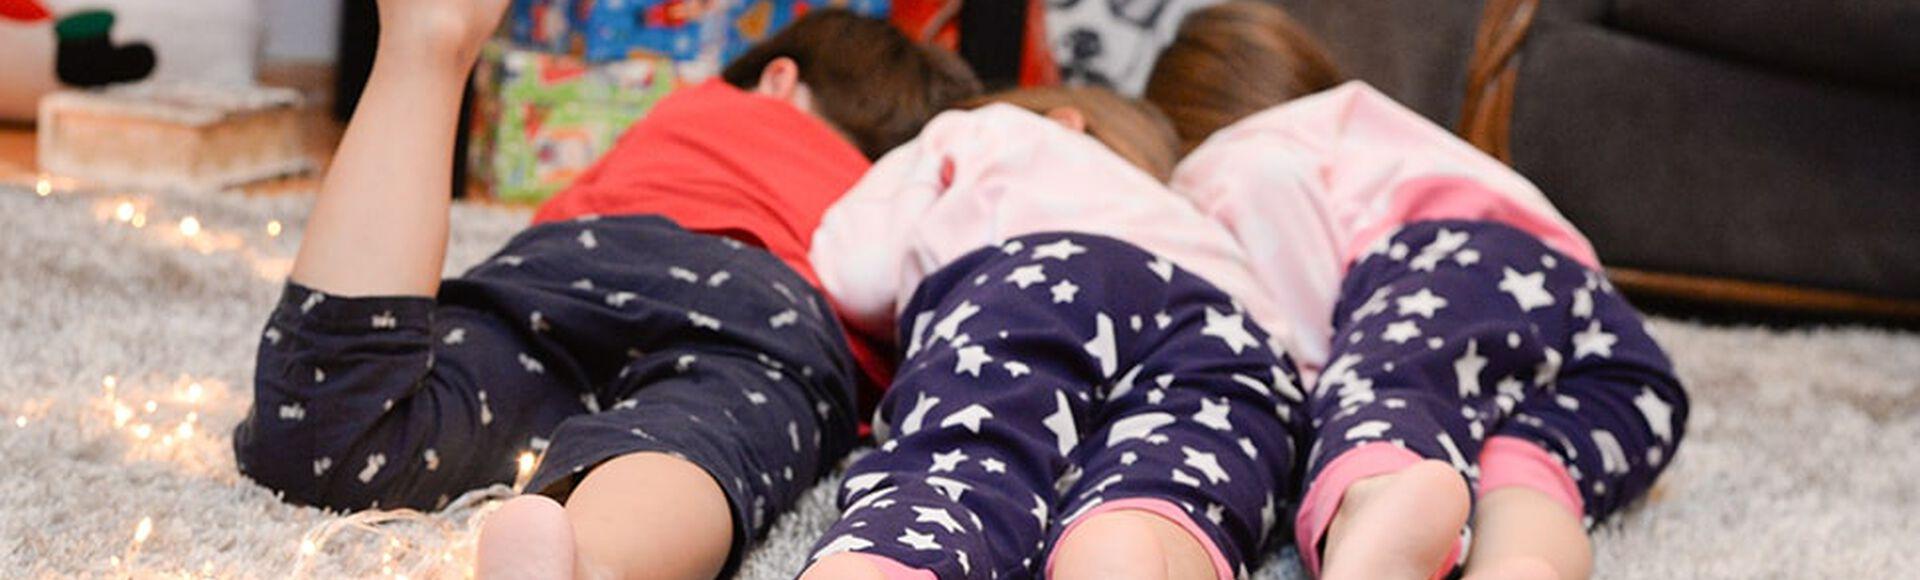 Niños acostados con el mismo pantalón de pijama